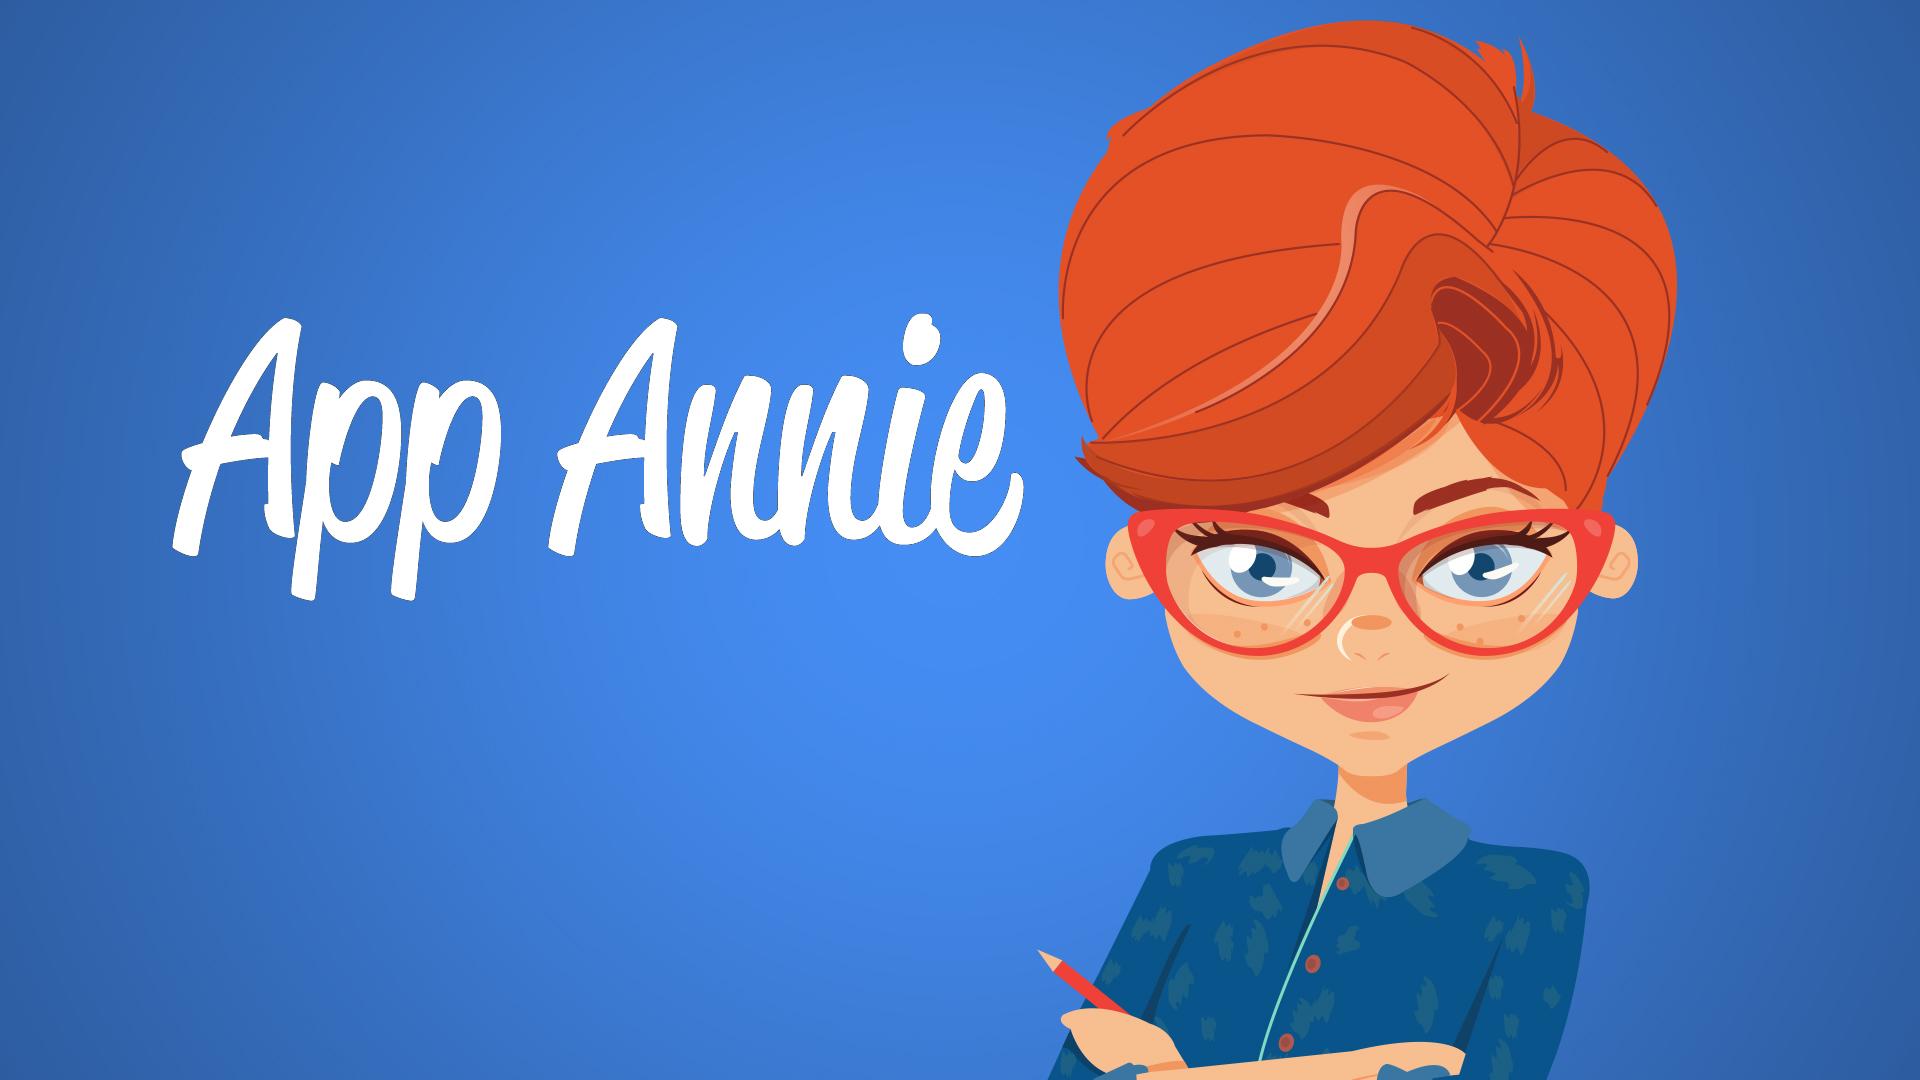 App Annie ASO